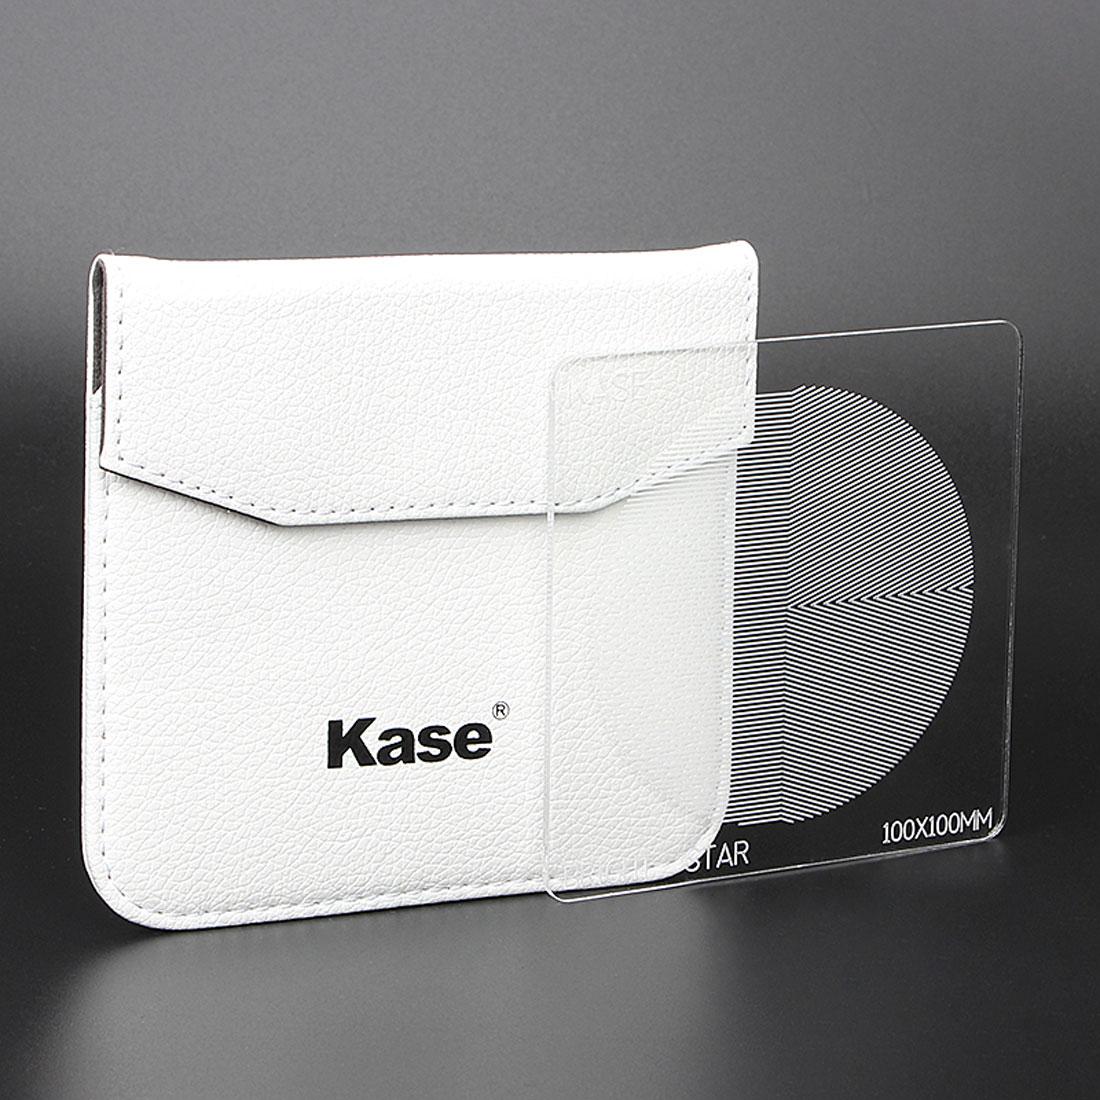 Kase-100-focusing